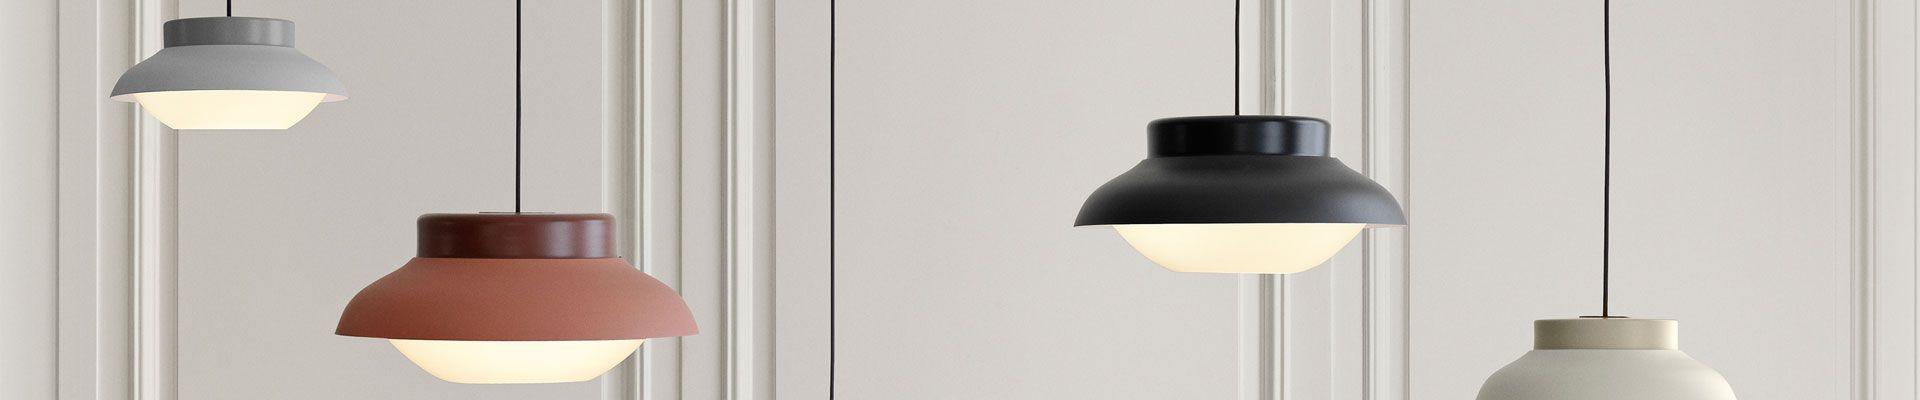 Gubi hanglampen